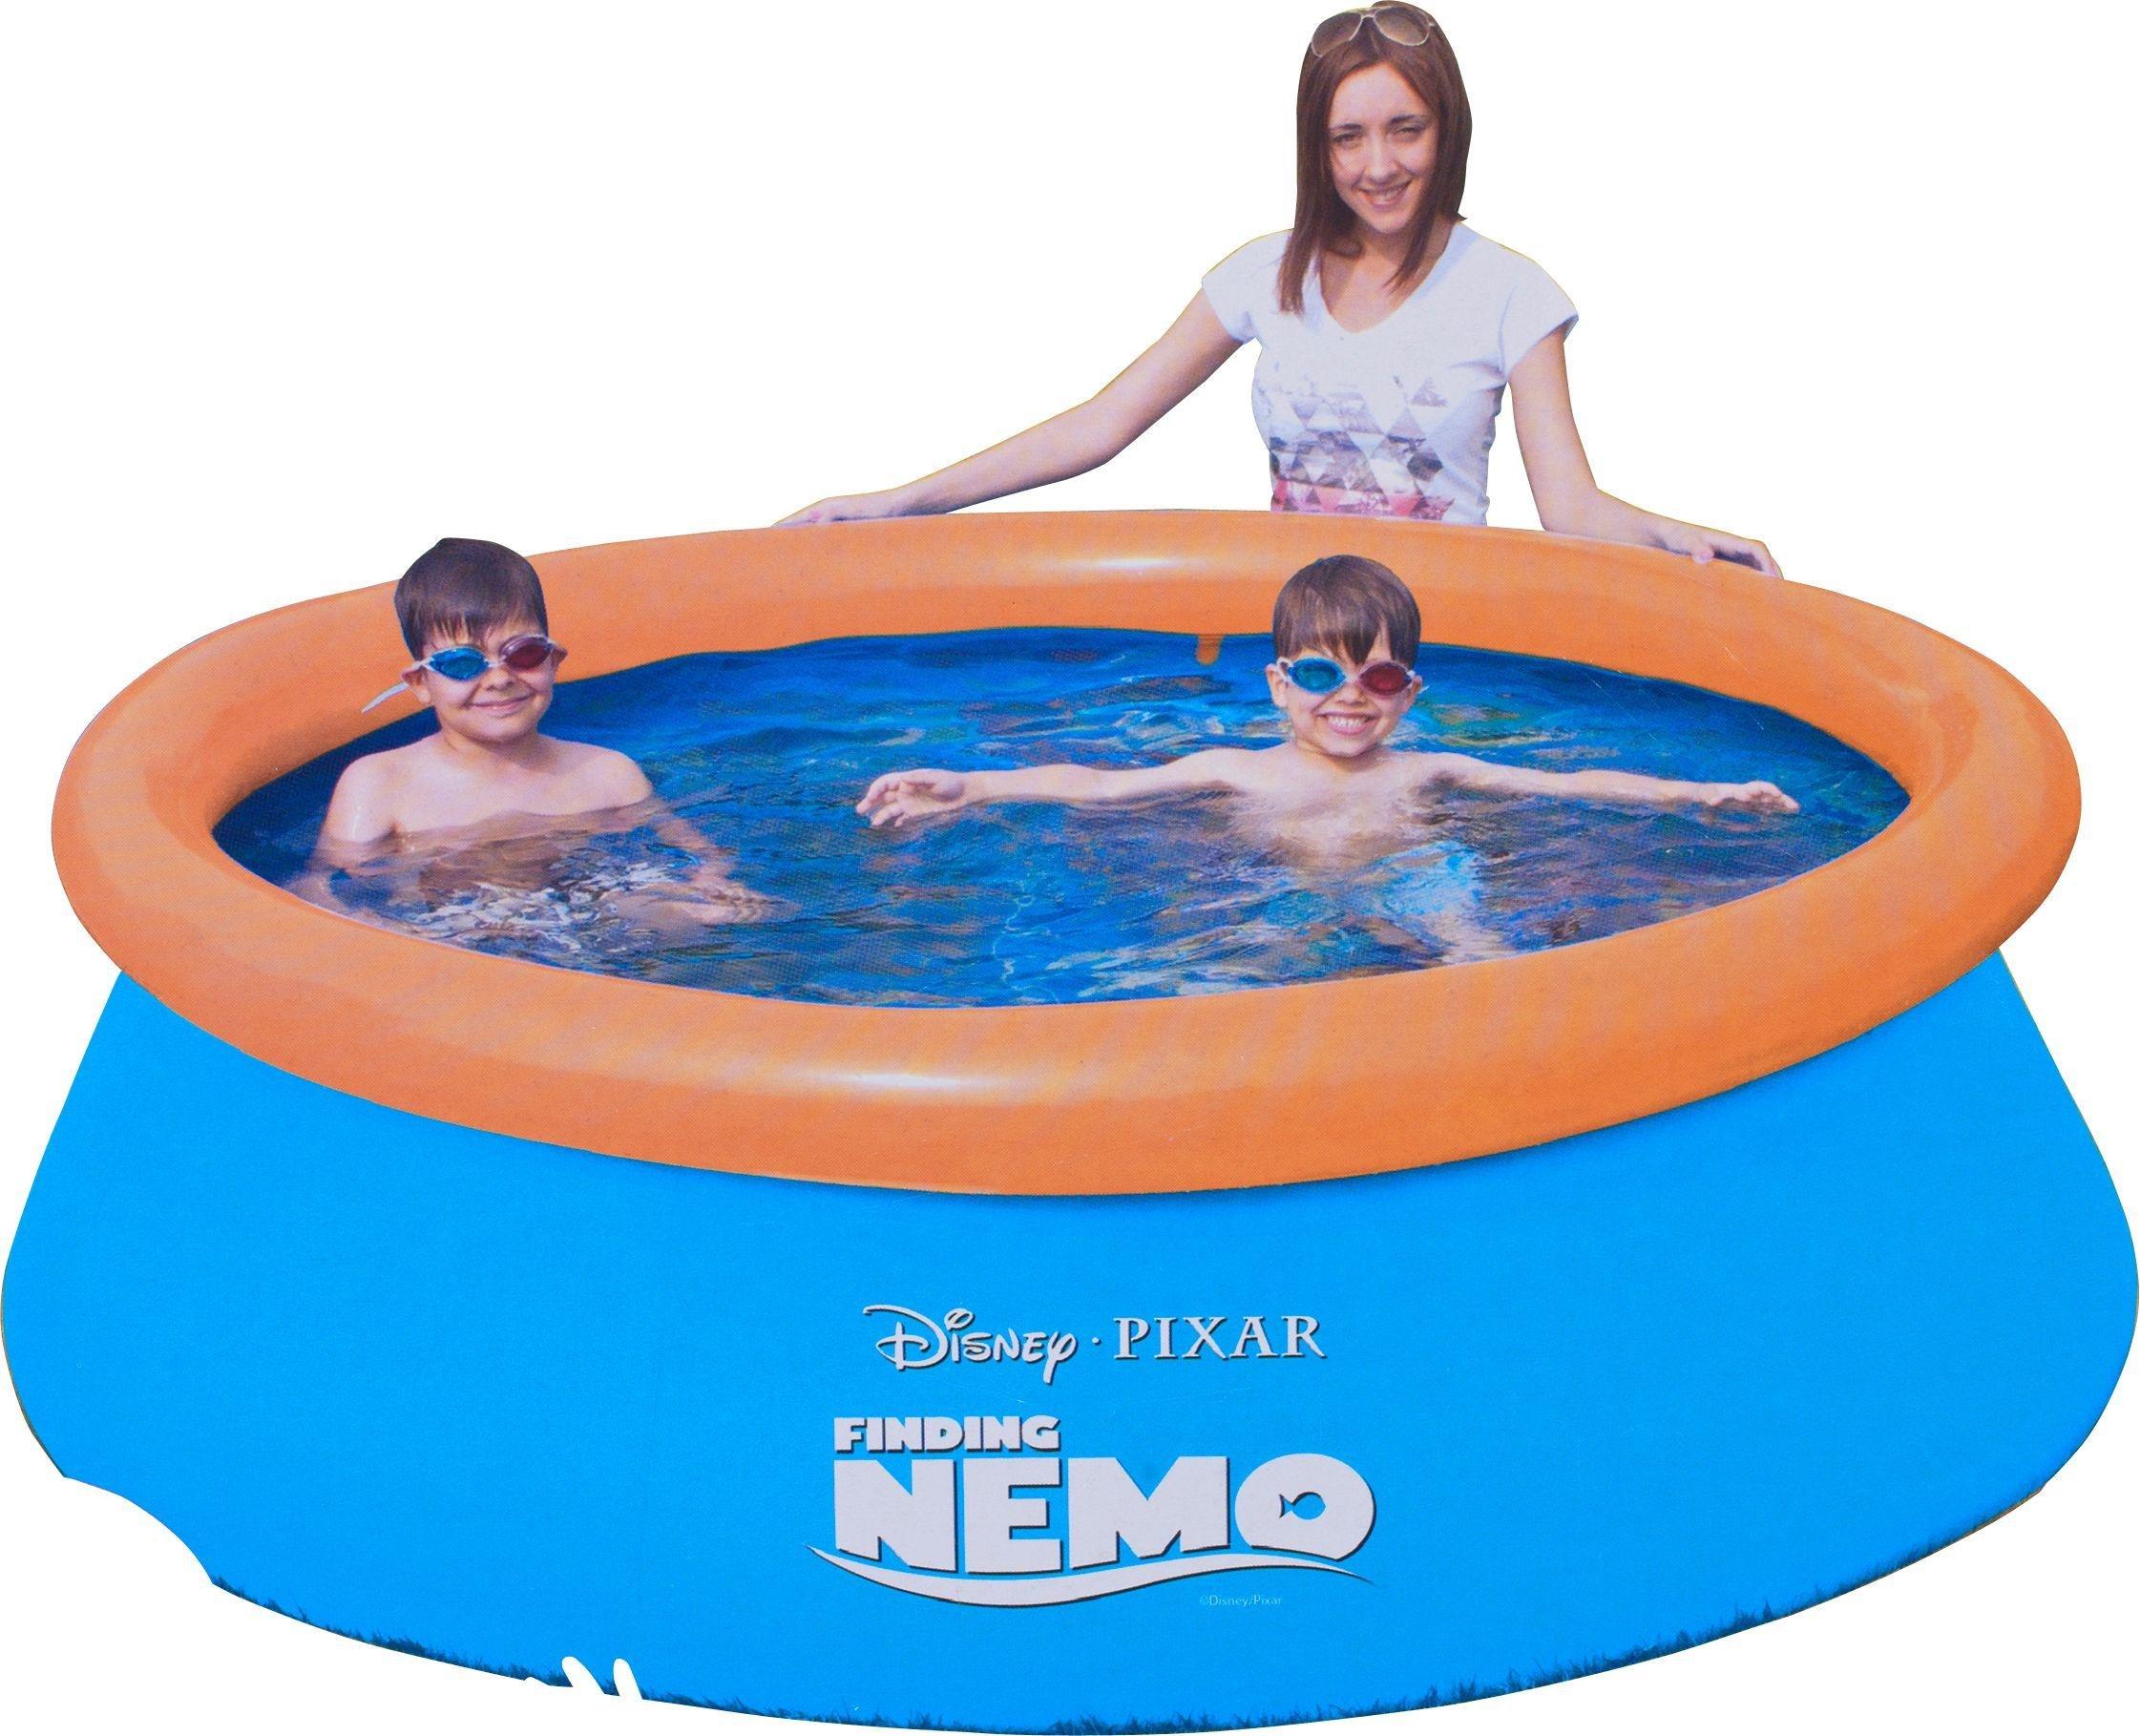 find nemo online